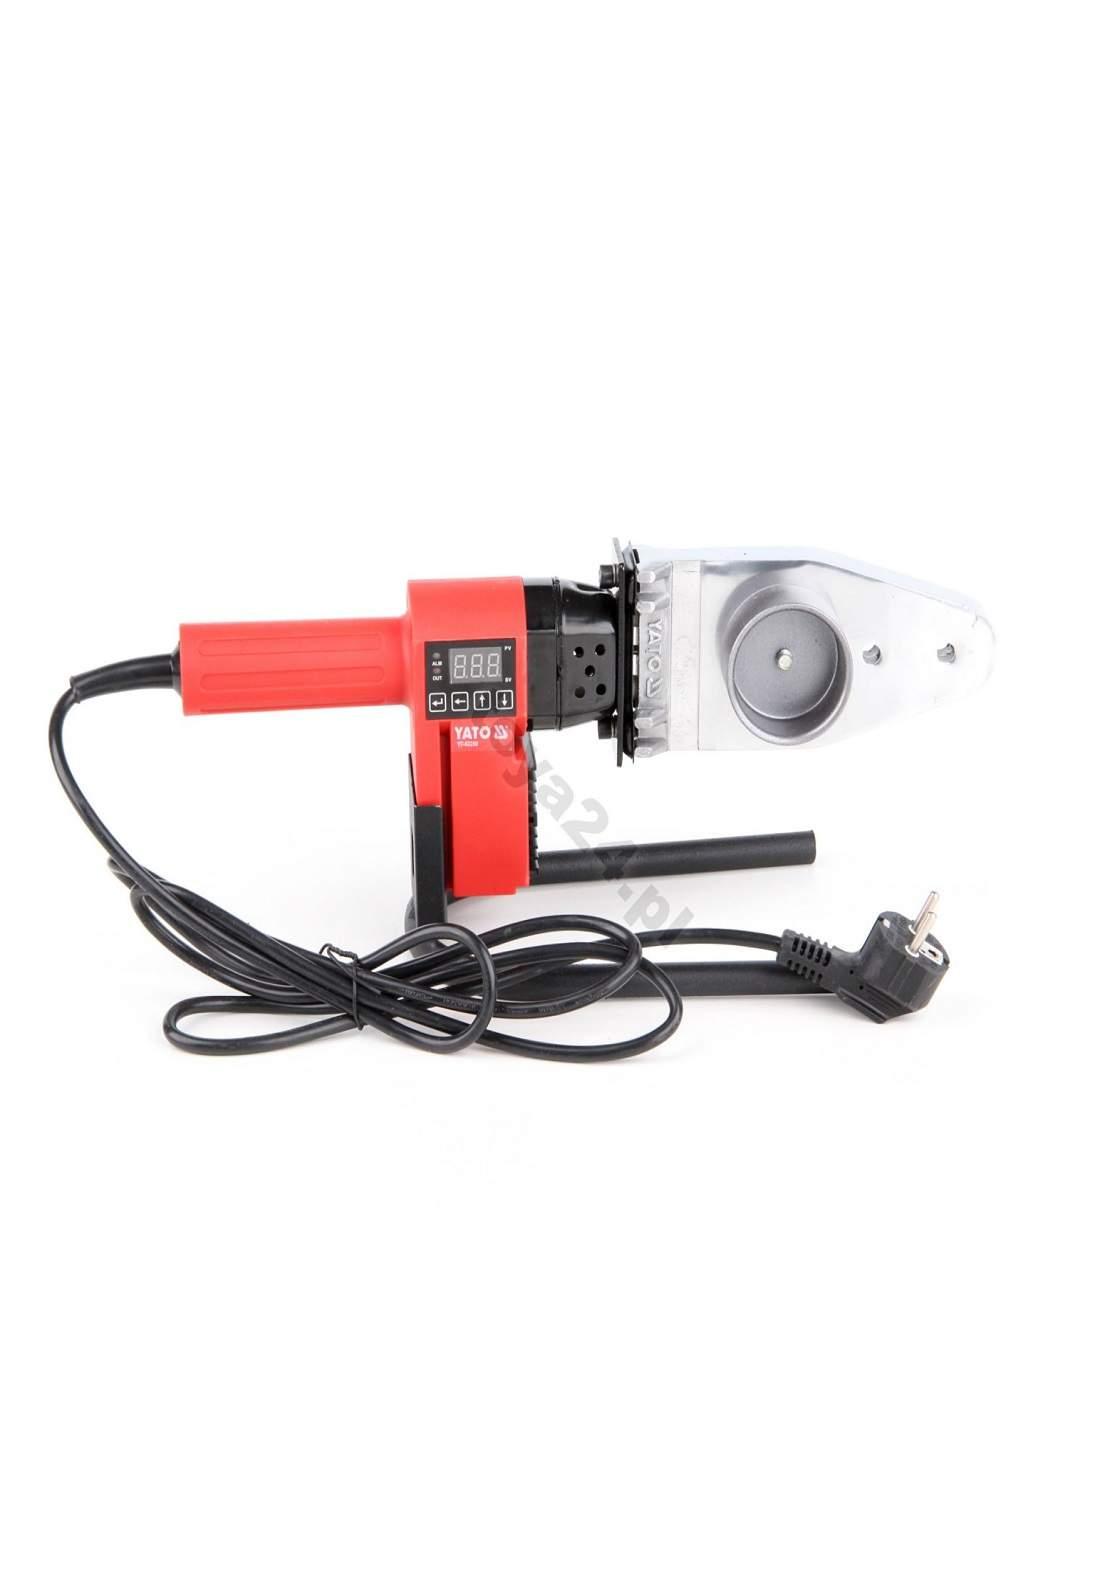 Yato YT-82250 Pvc Plastic Pipe Welder 850w ماكنة لحام